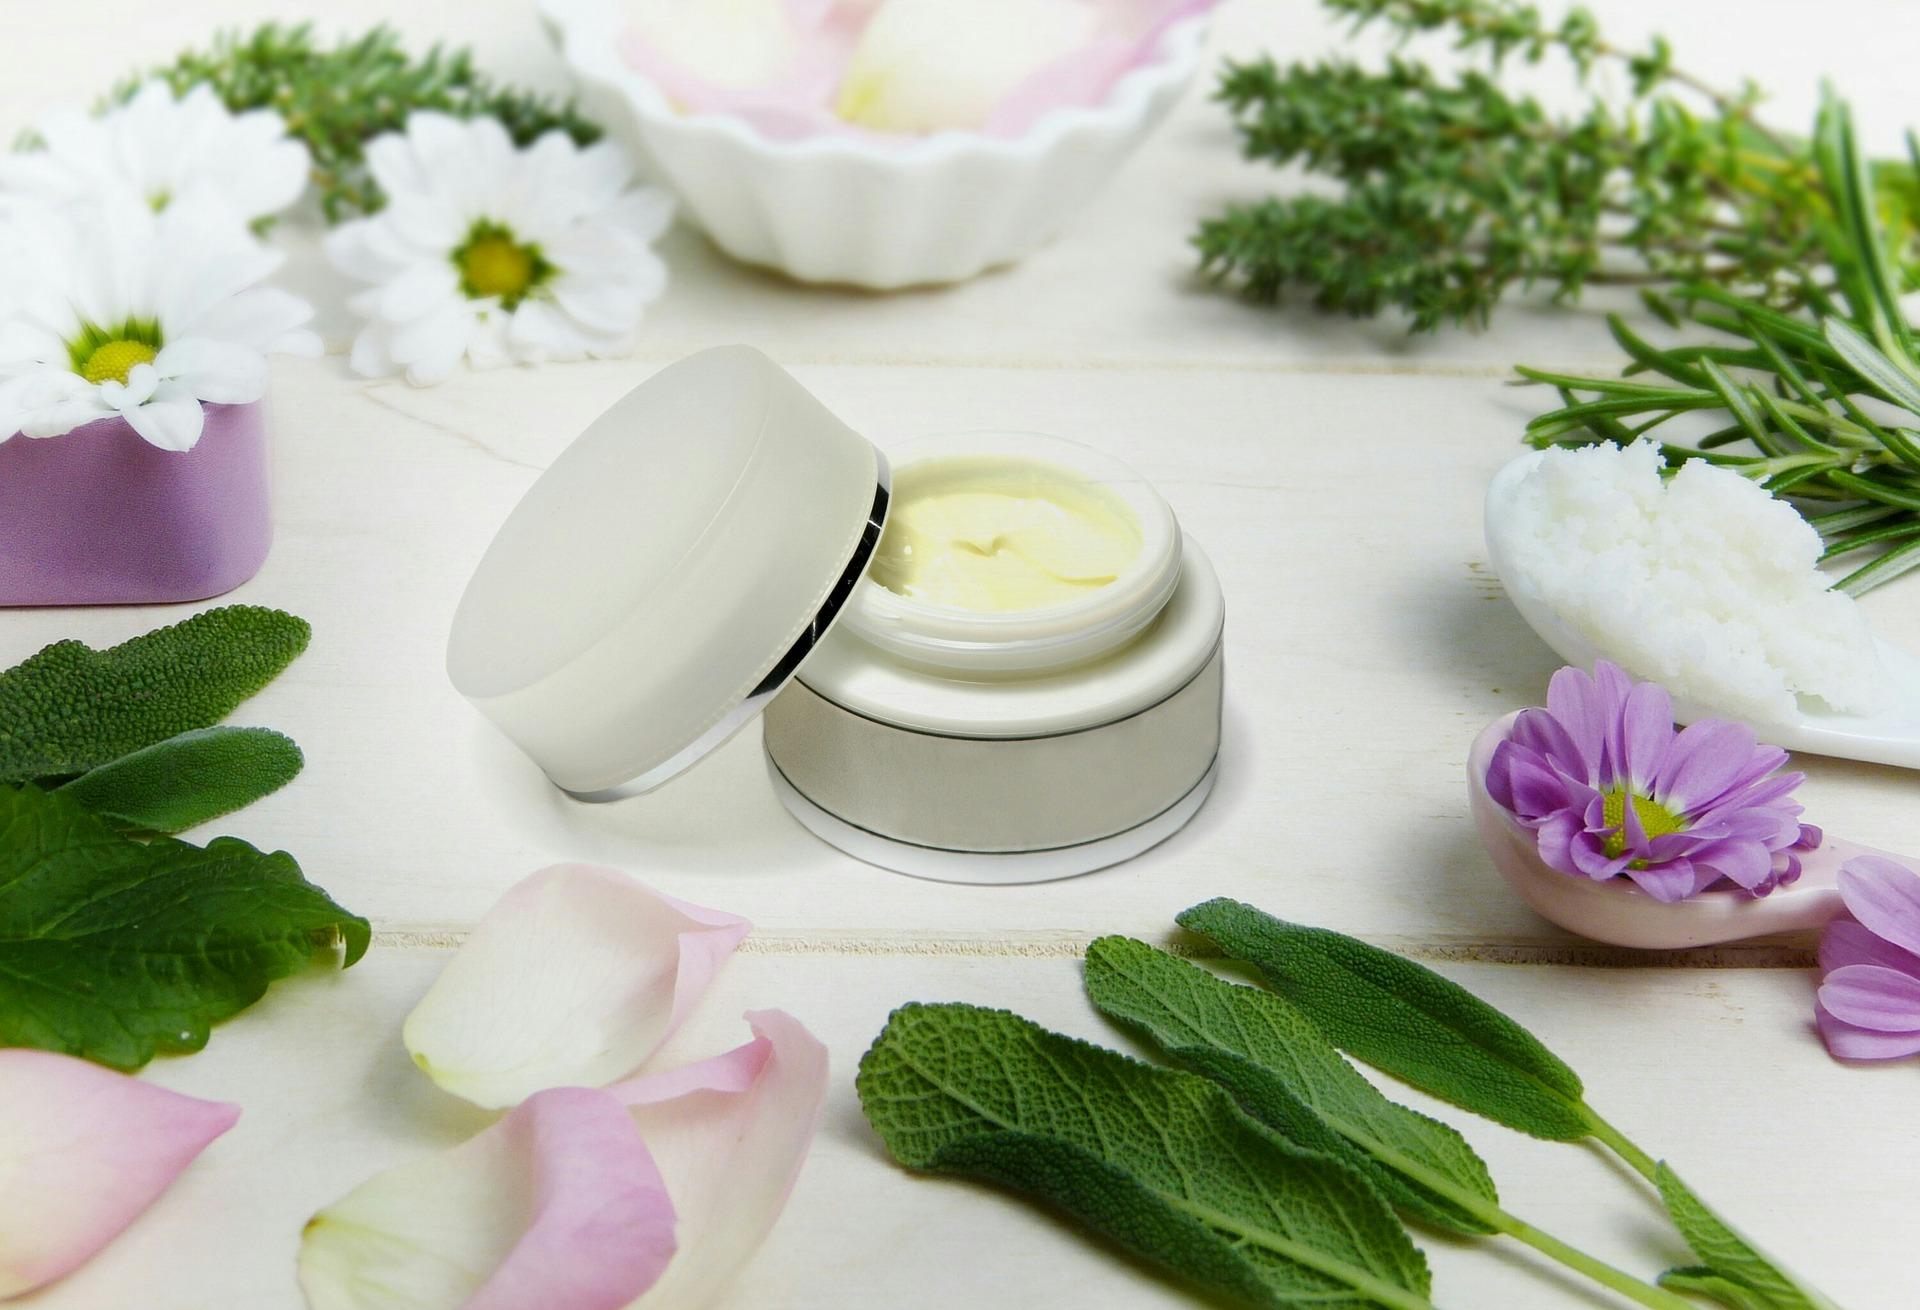 【ヒアルロン酸】欧米、アジアで美容ニーズ増 海外輸出が加速